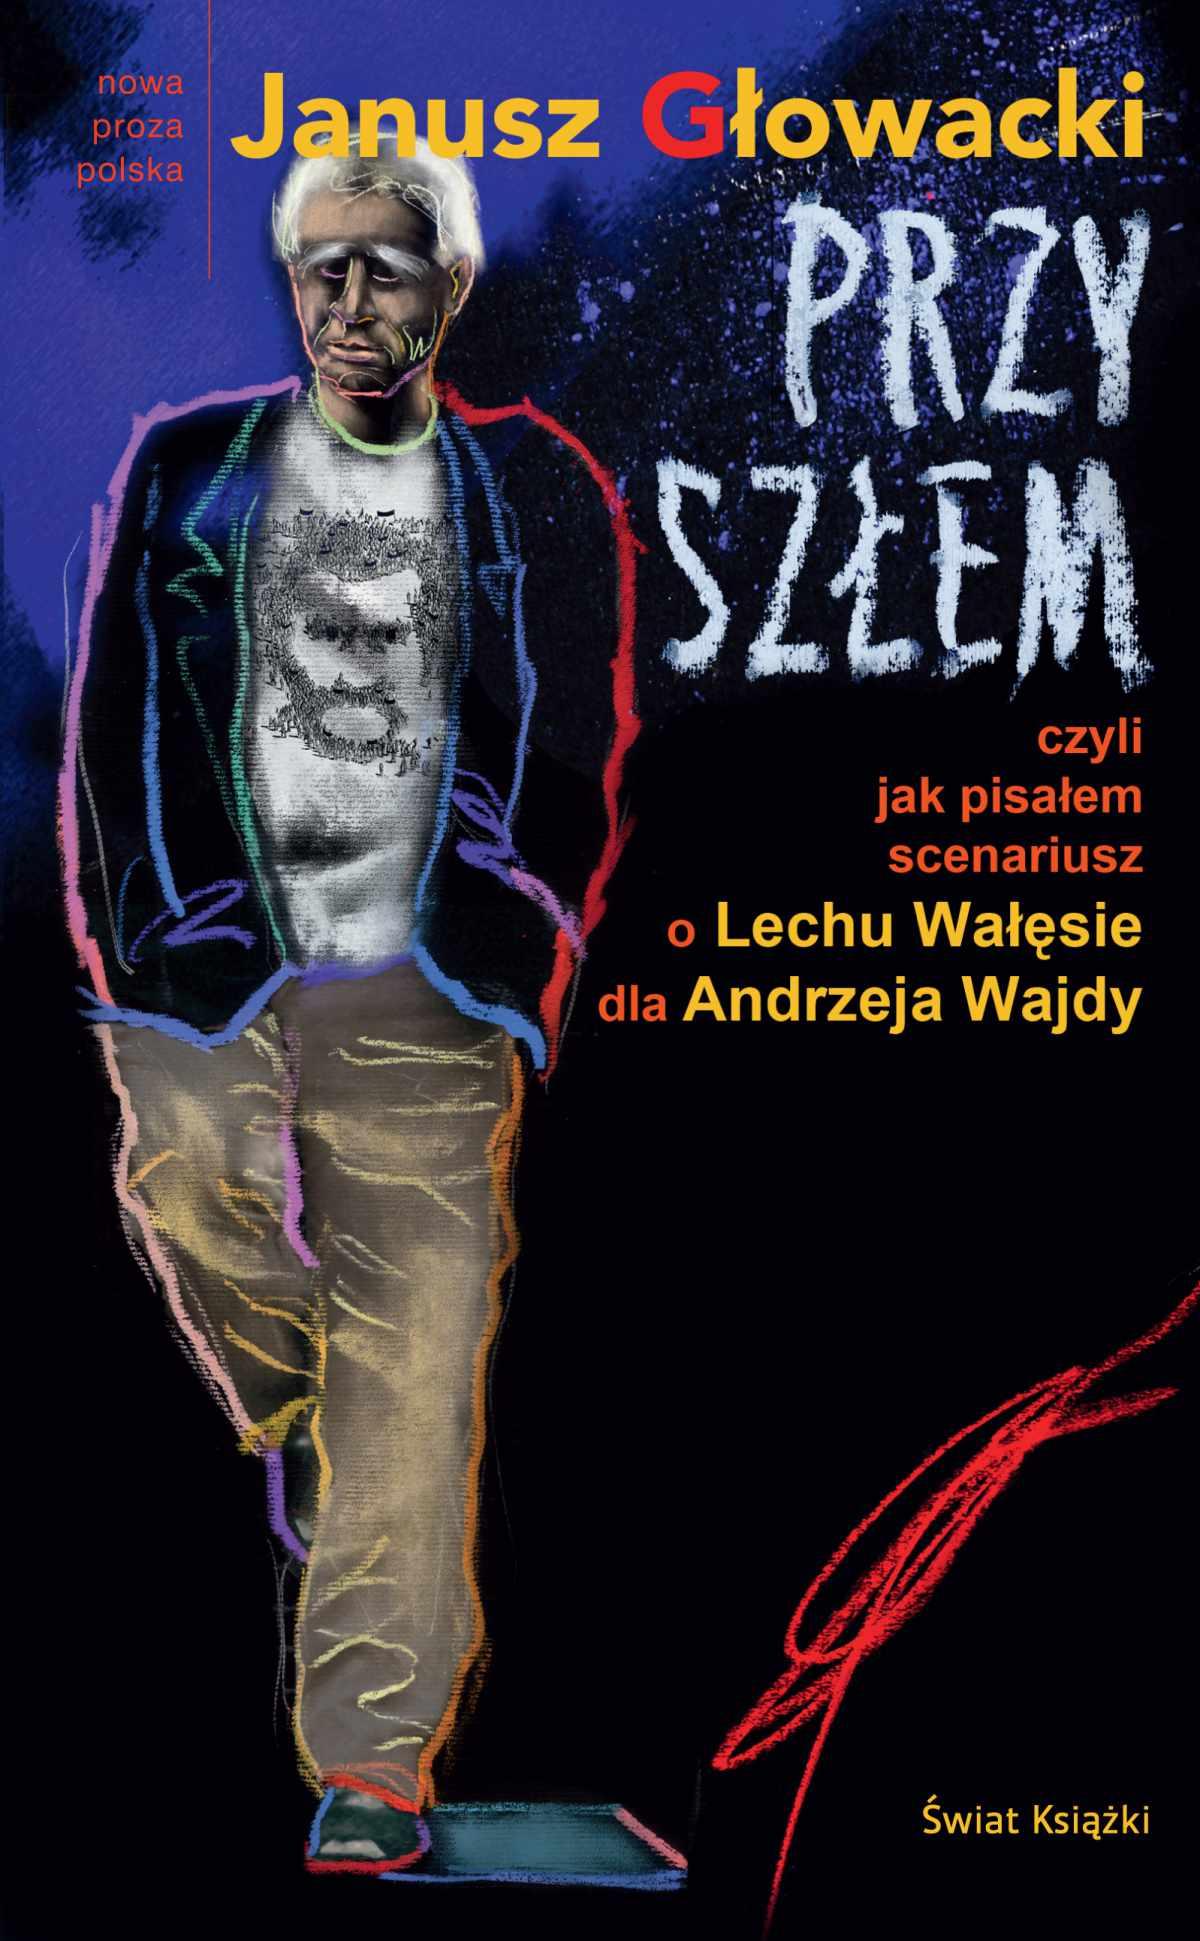 Przyszłem czyli jak pisałem scenariusz o Lechu Wałęsie dla Andrzeja Wajdy - Ebook (Książka EPUB) do pobrania w formacie EPUB